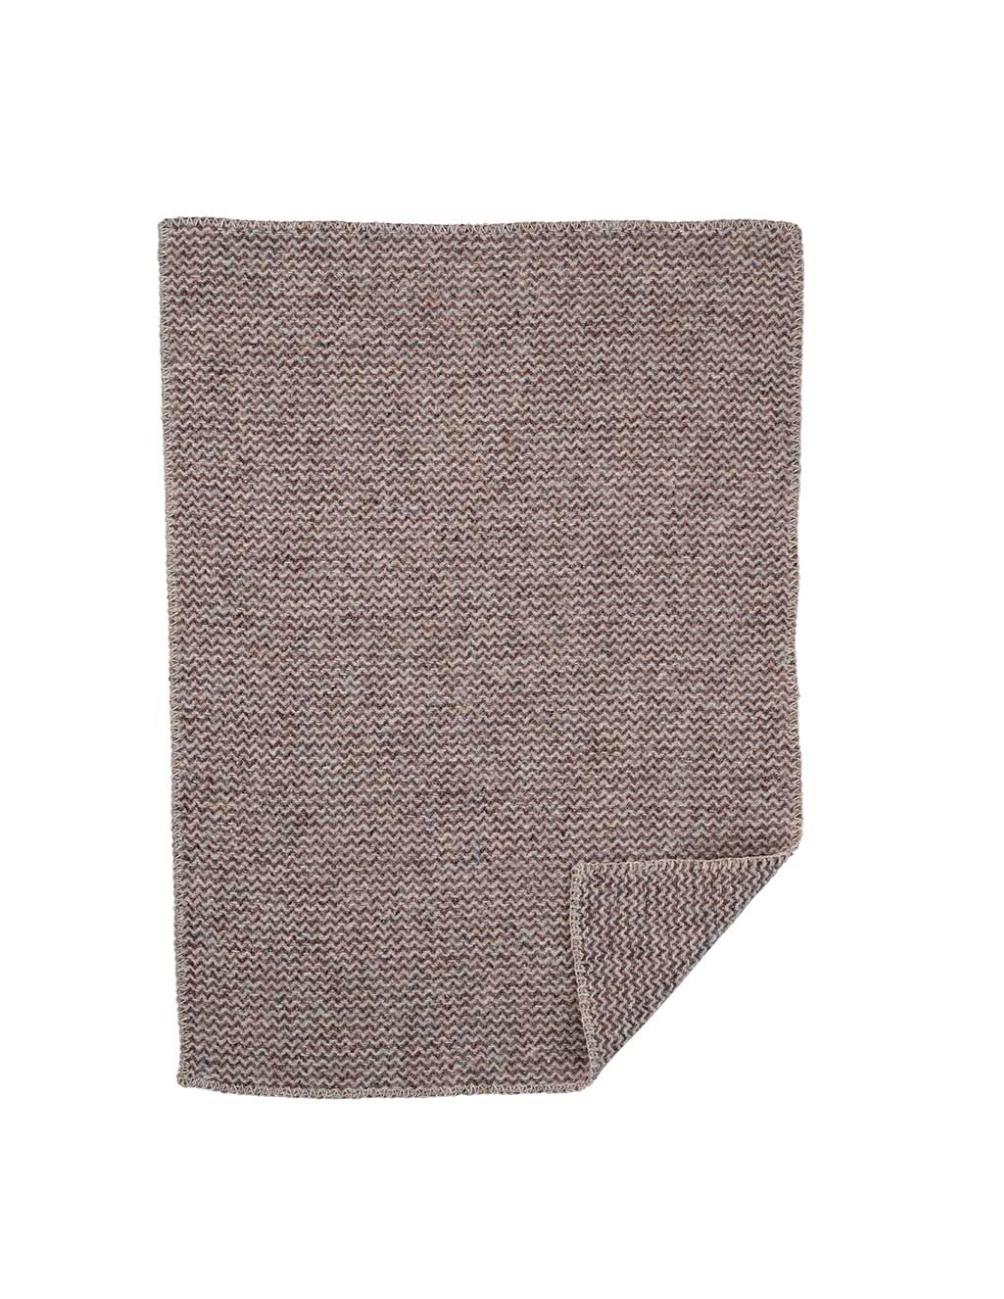 Wave Baby Natural Brown Wool Blanket